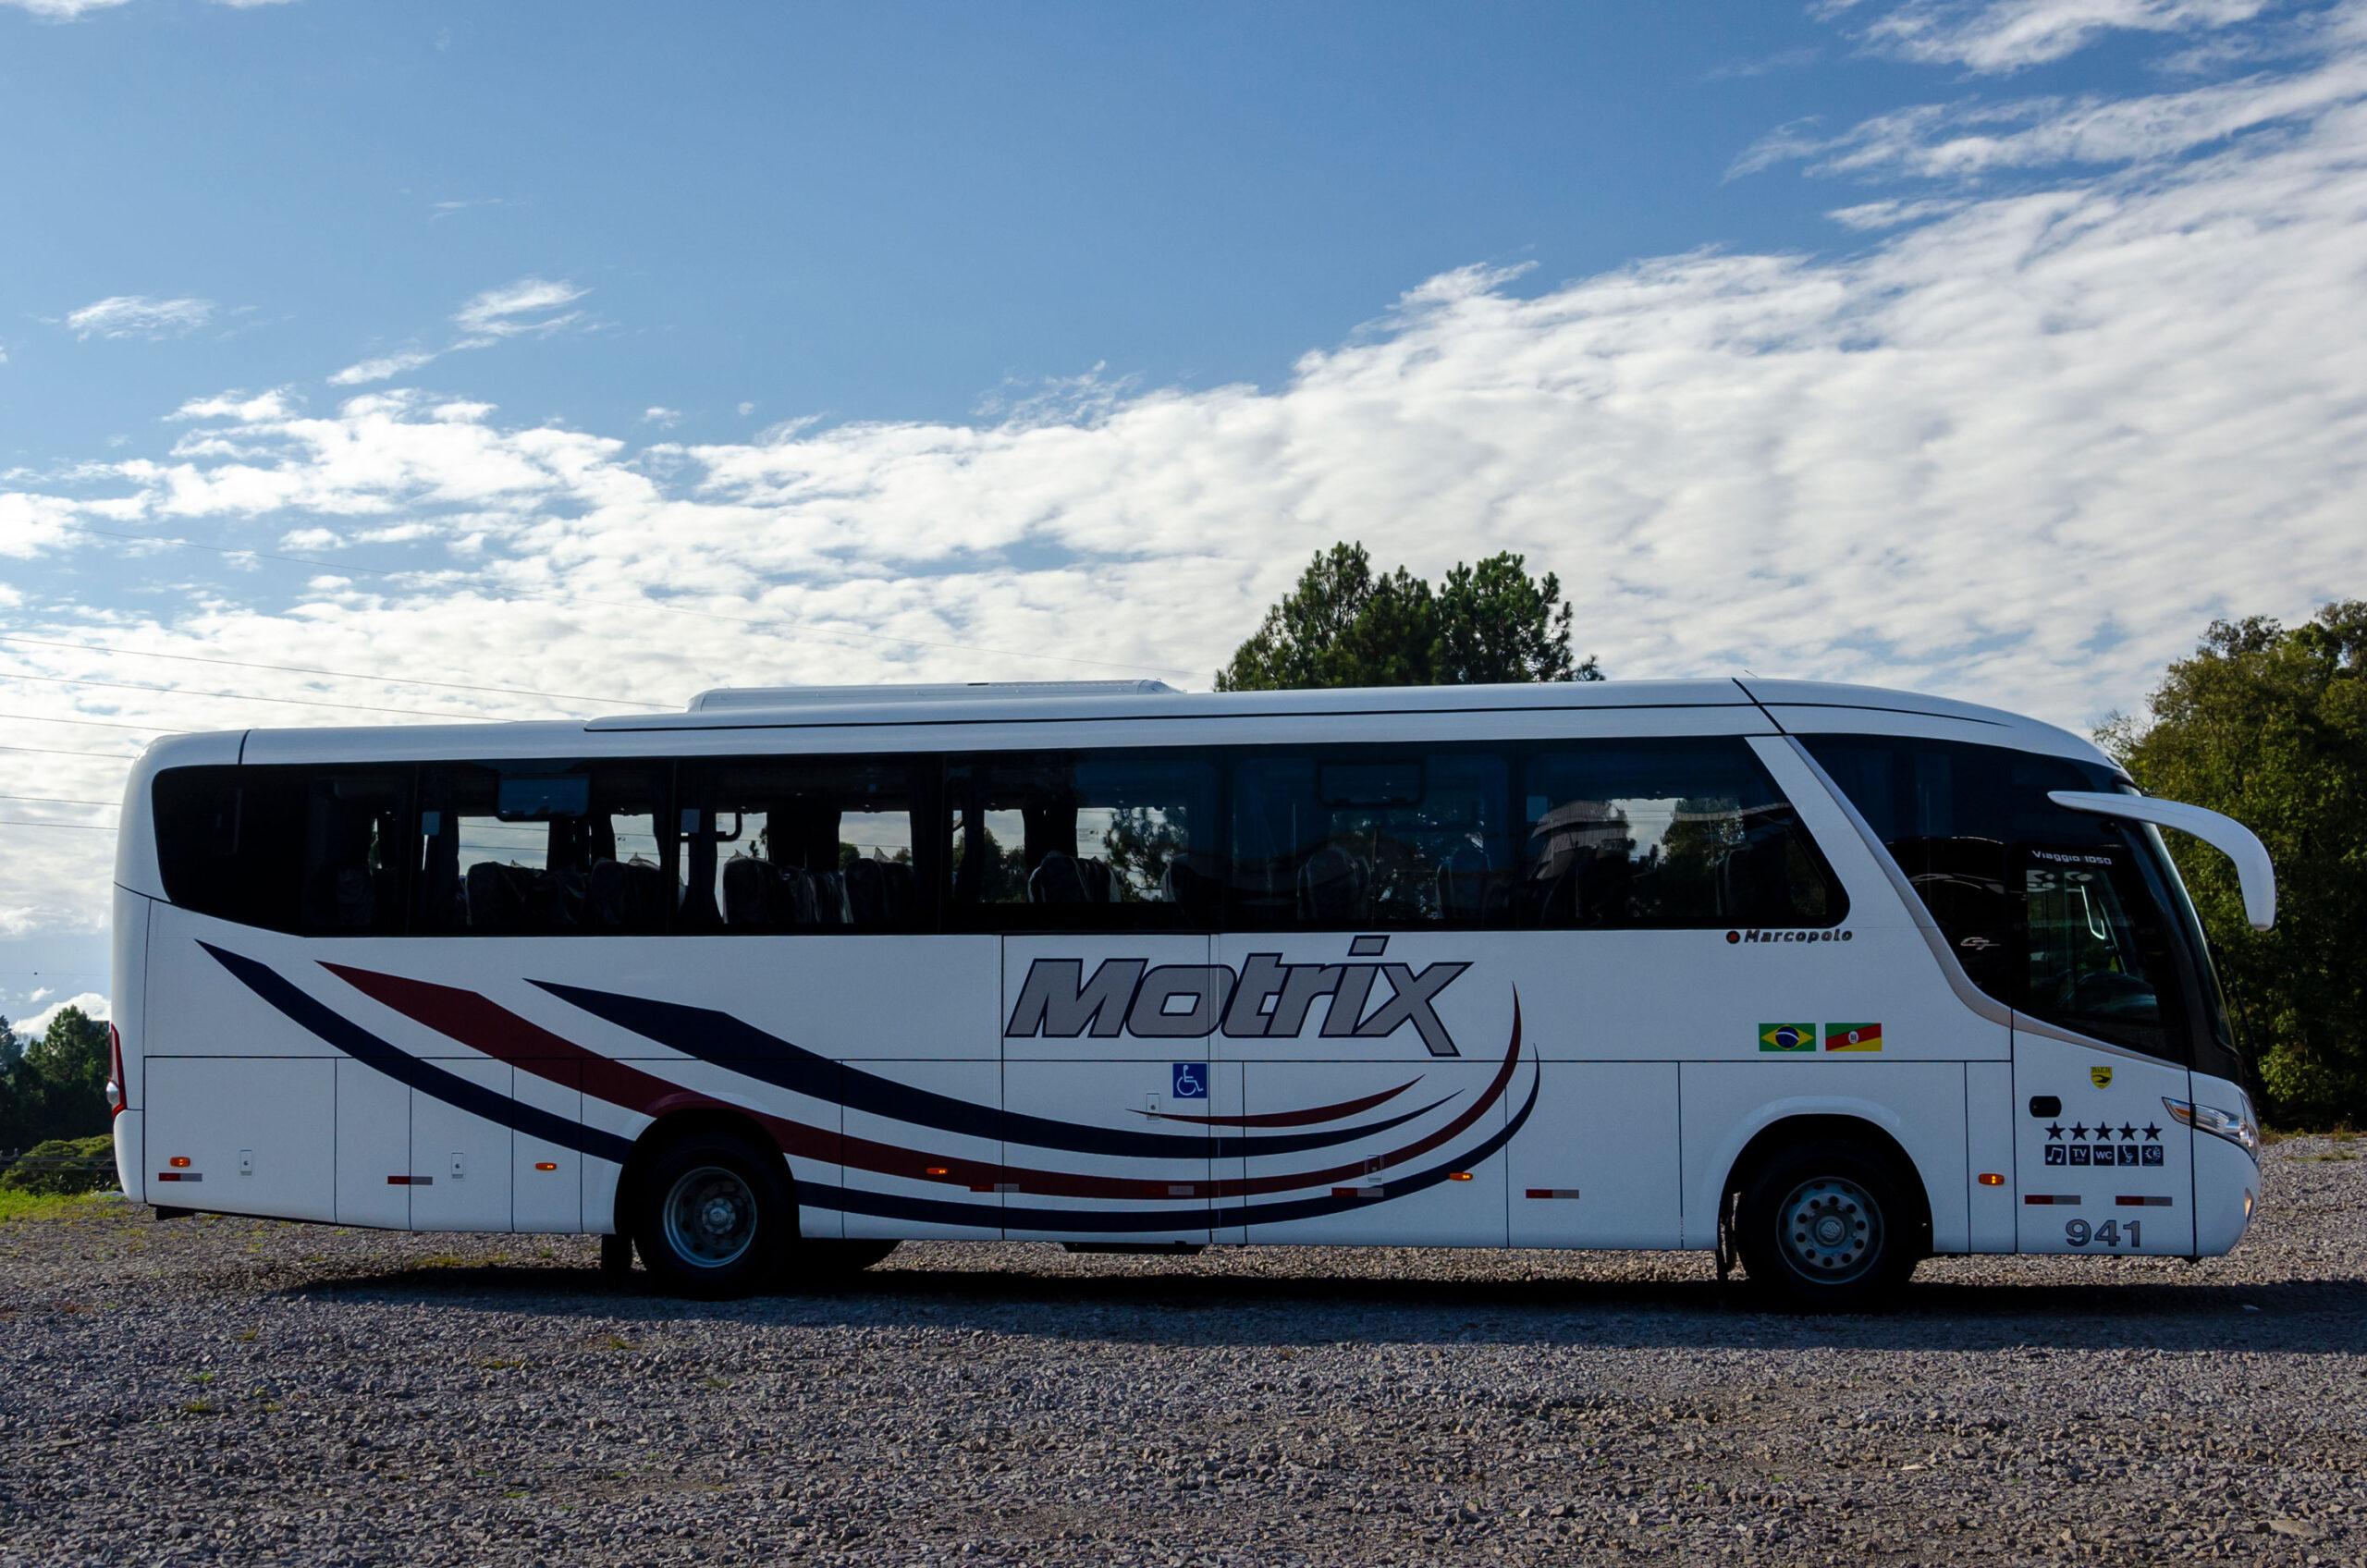 Viaggio-1050-Motrix-(9)